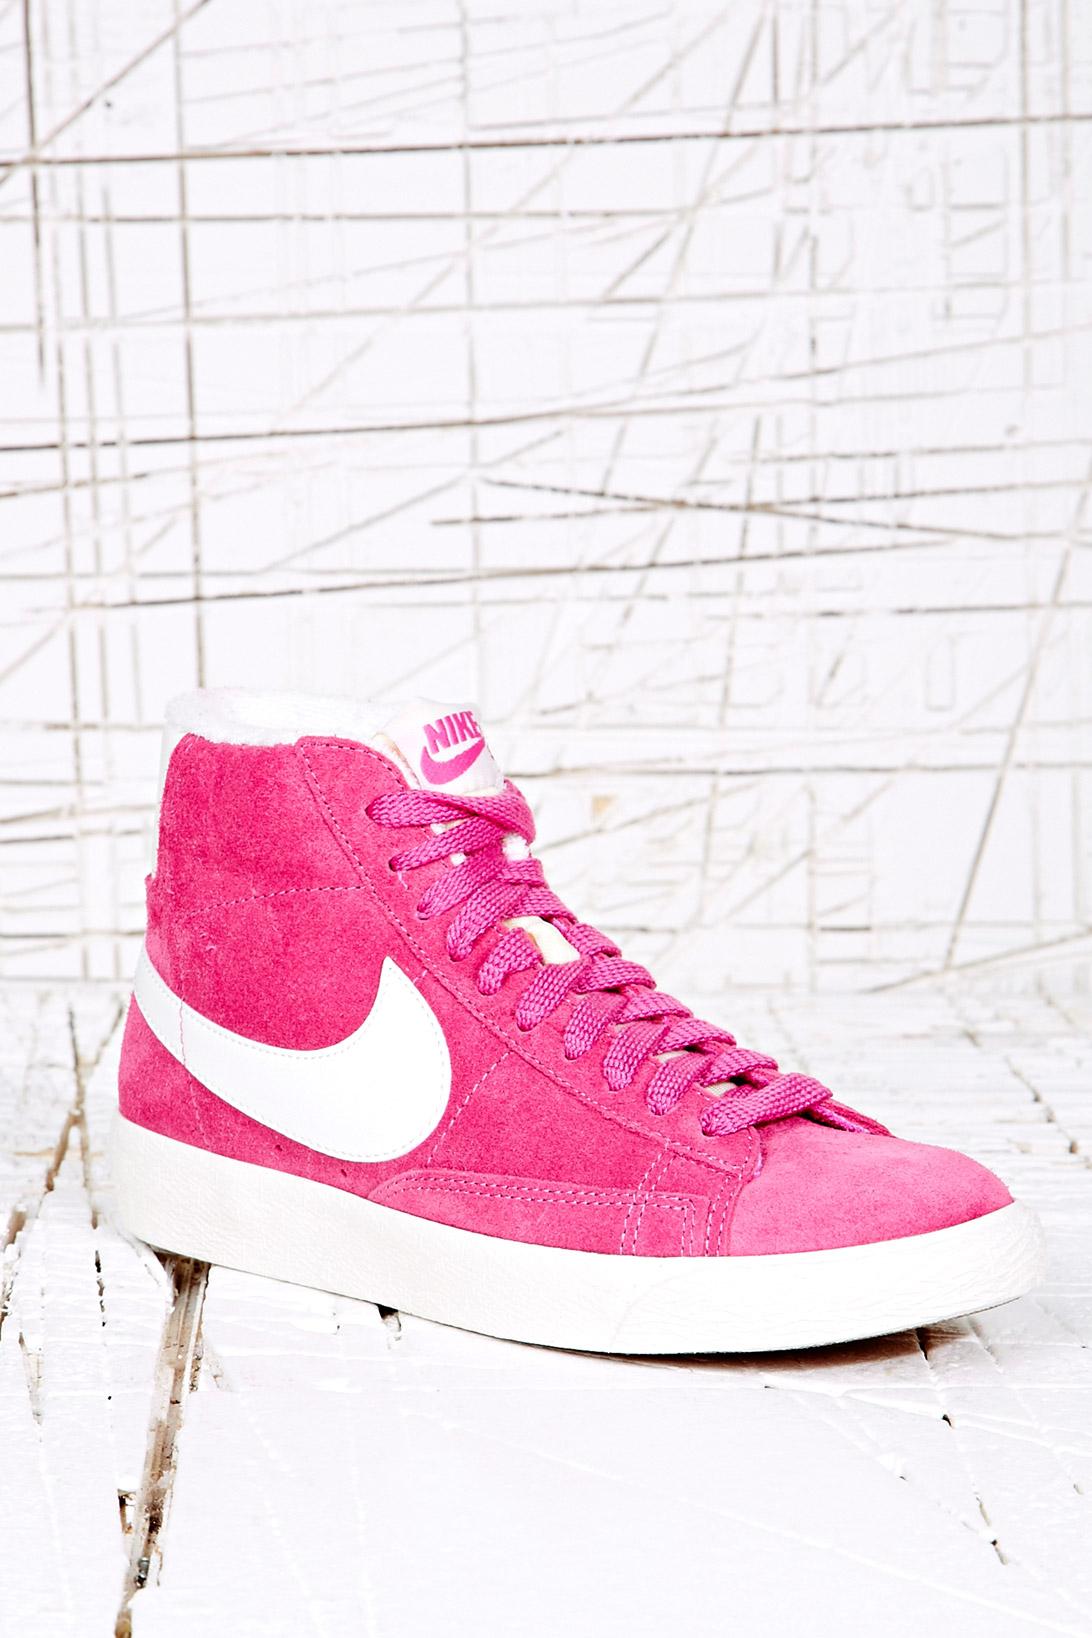 9da04ac42d13 Shoeniverse  NIKE Blazer Hi-Top Trainers In Pink